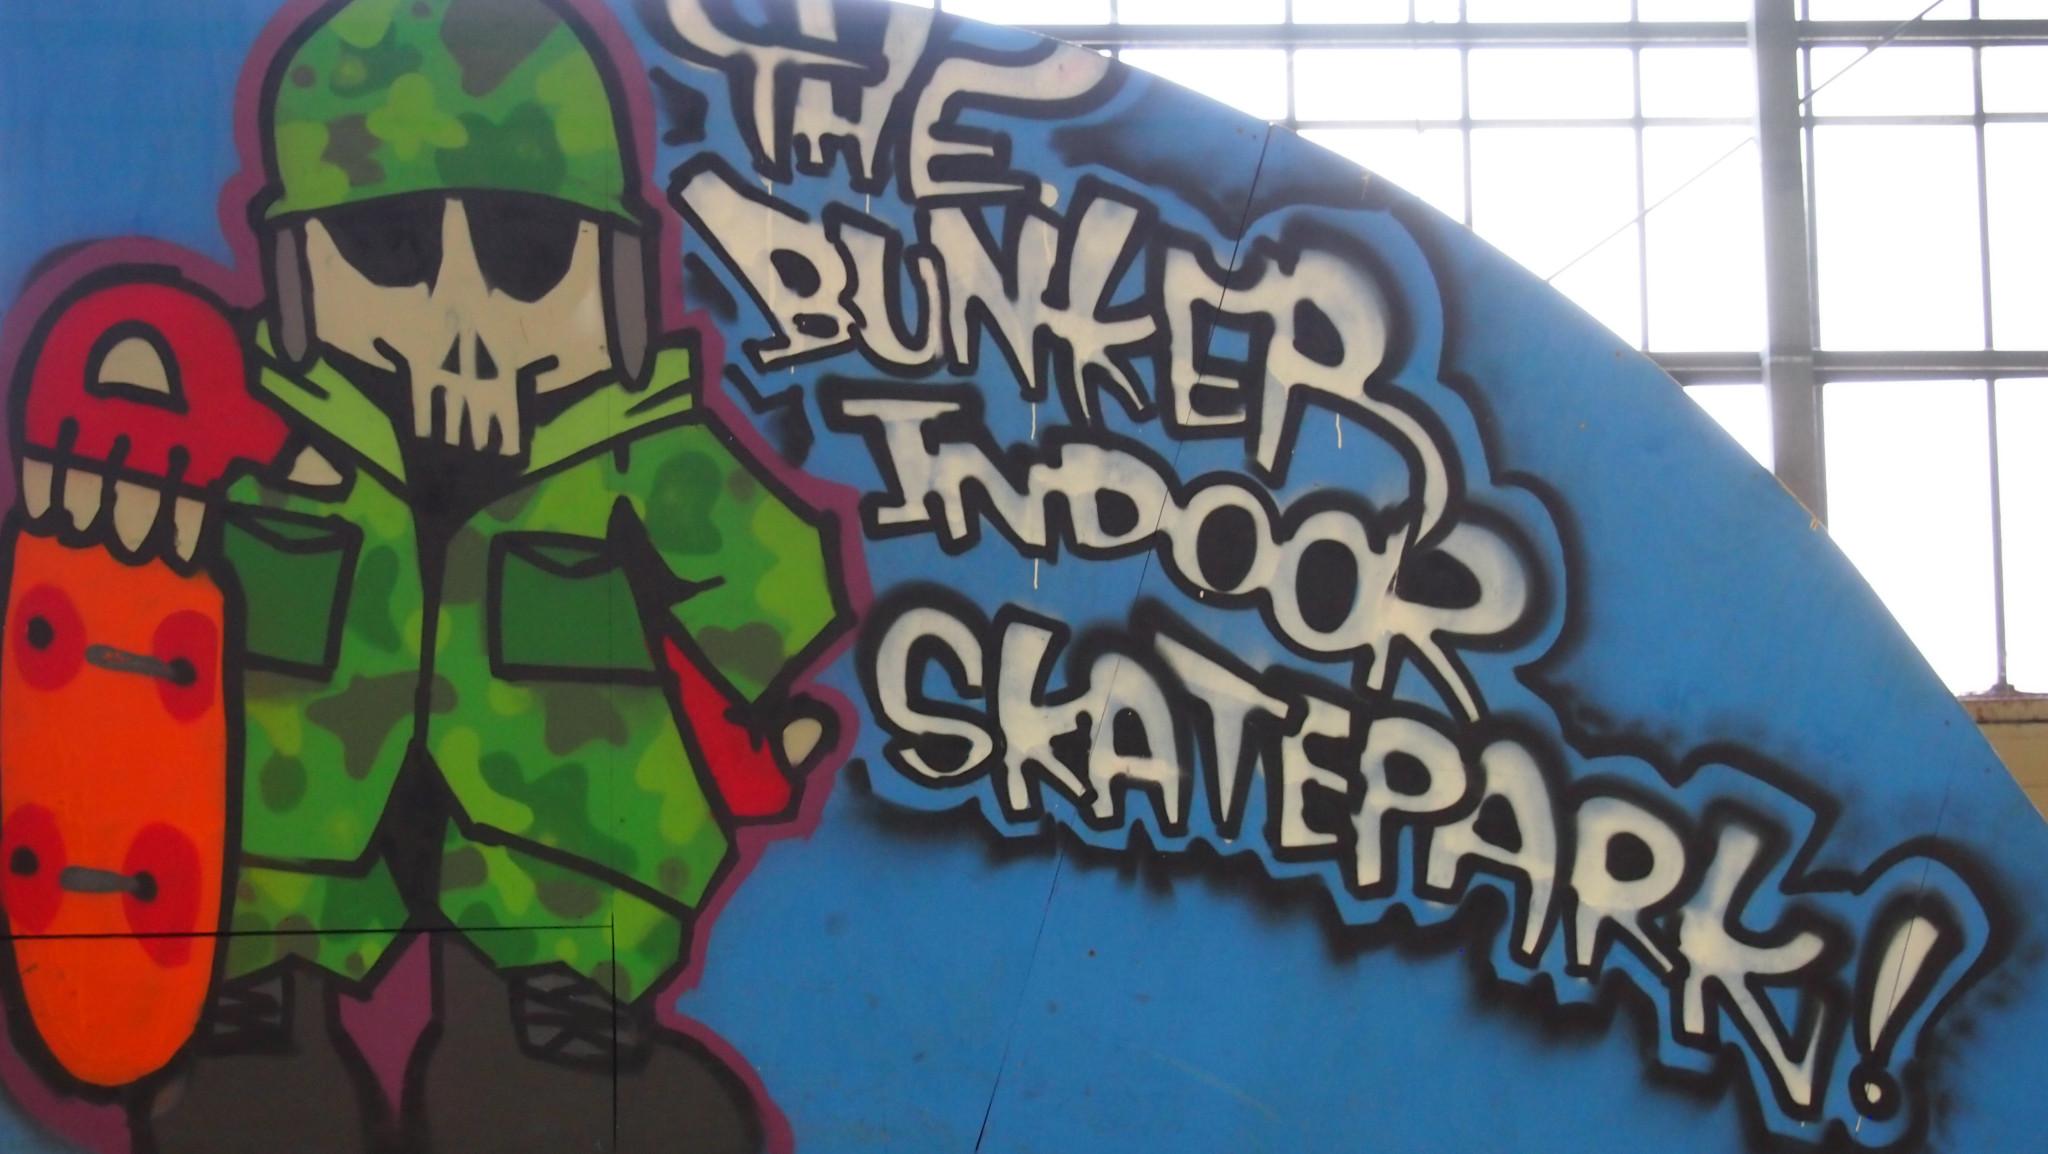 Bunker indoor skate park